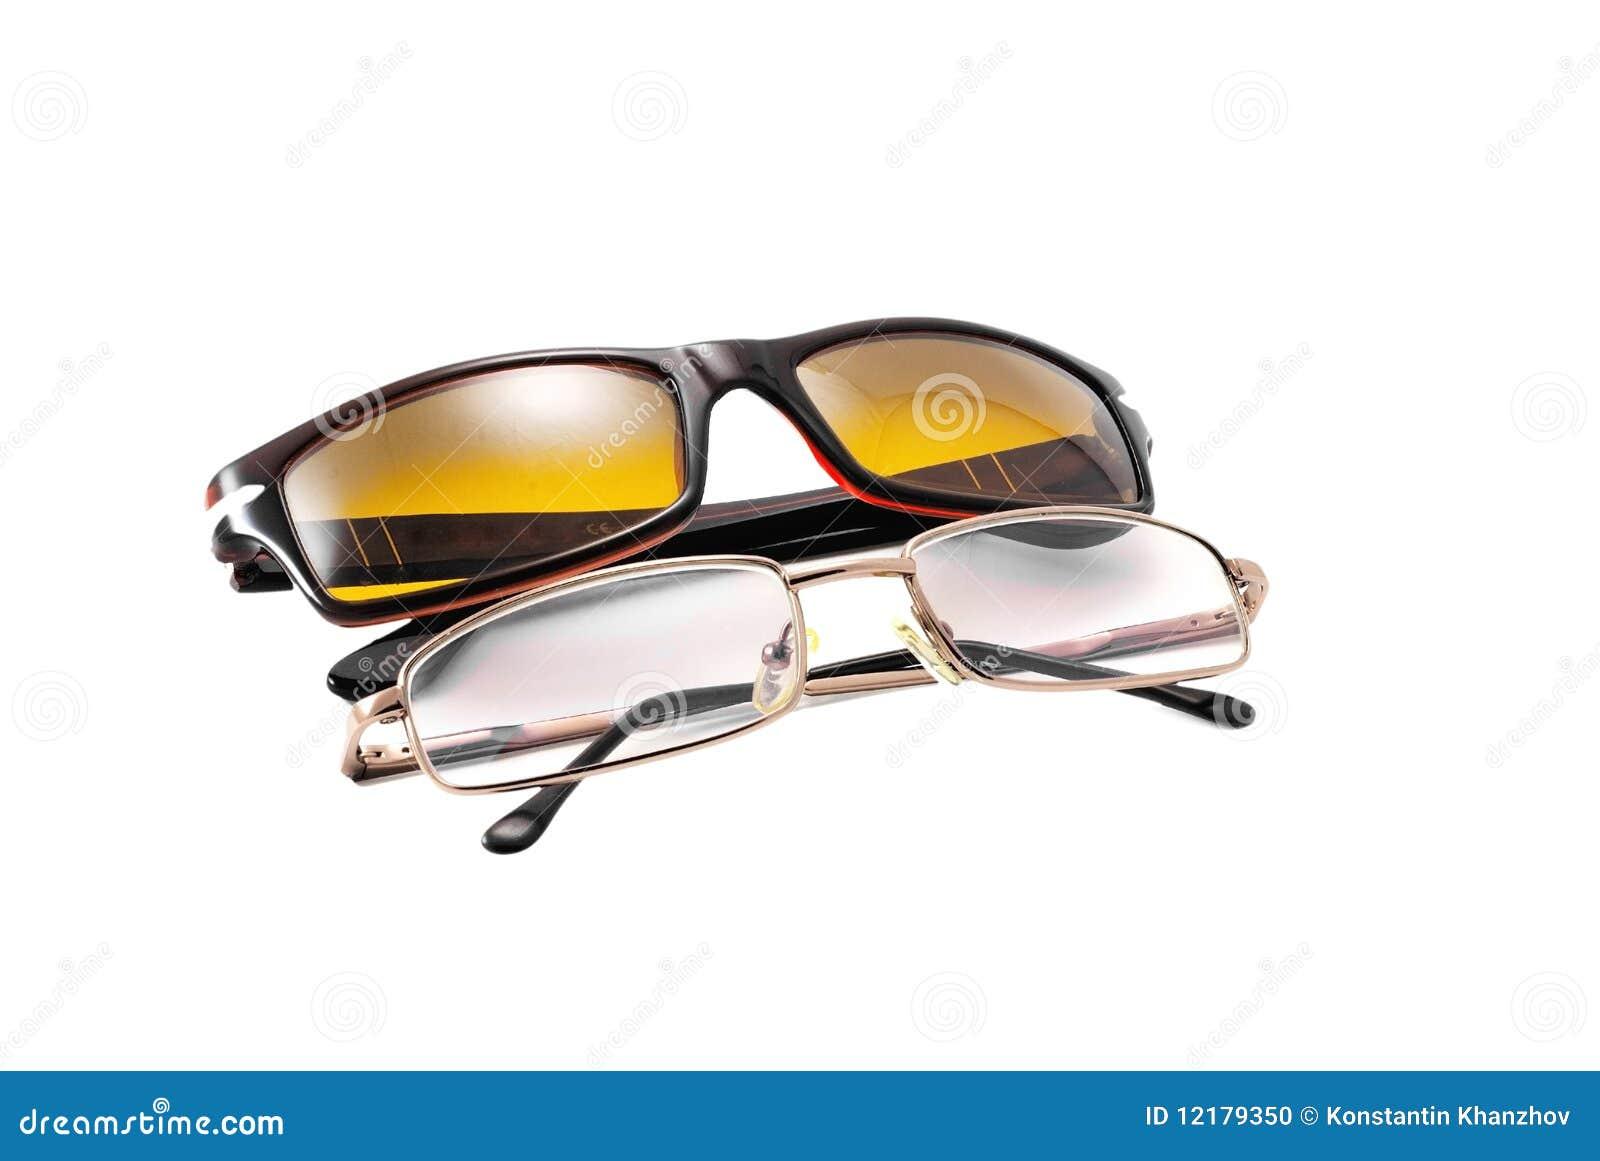 Gafas de sol y vidrios de lectura aislados